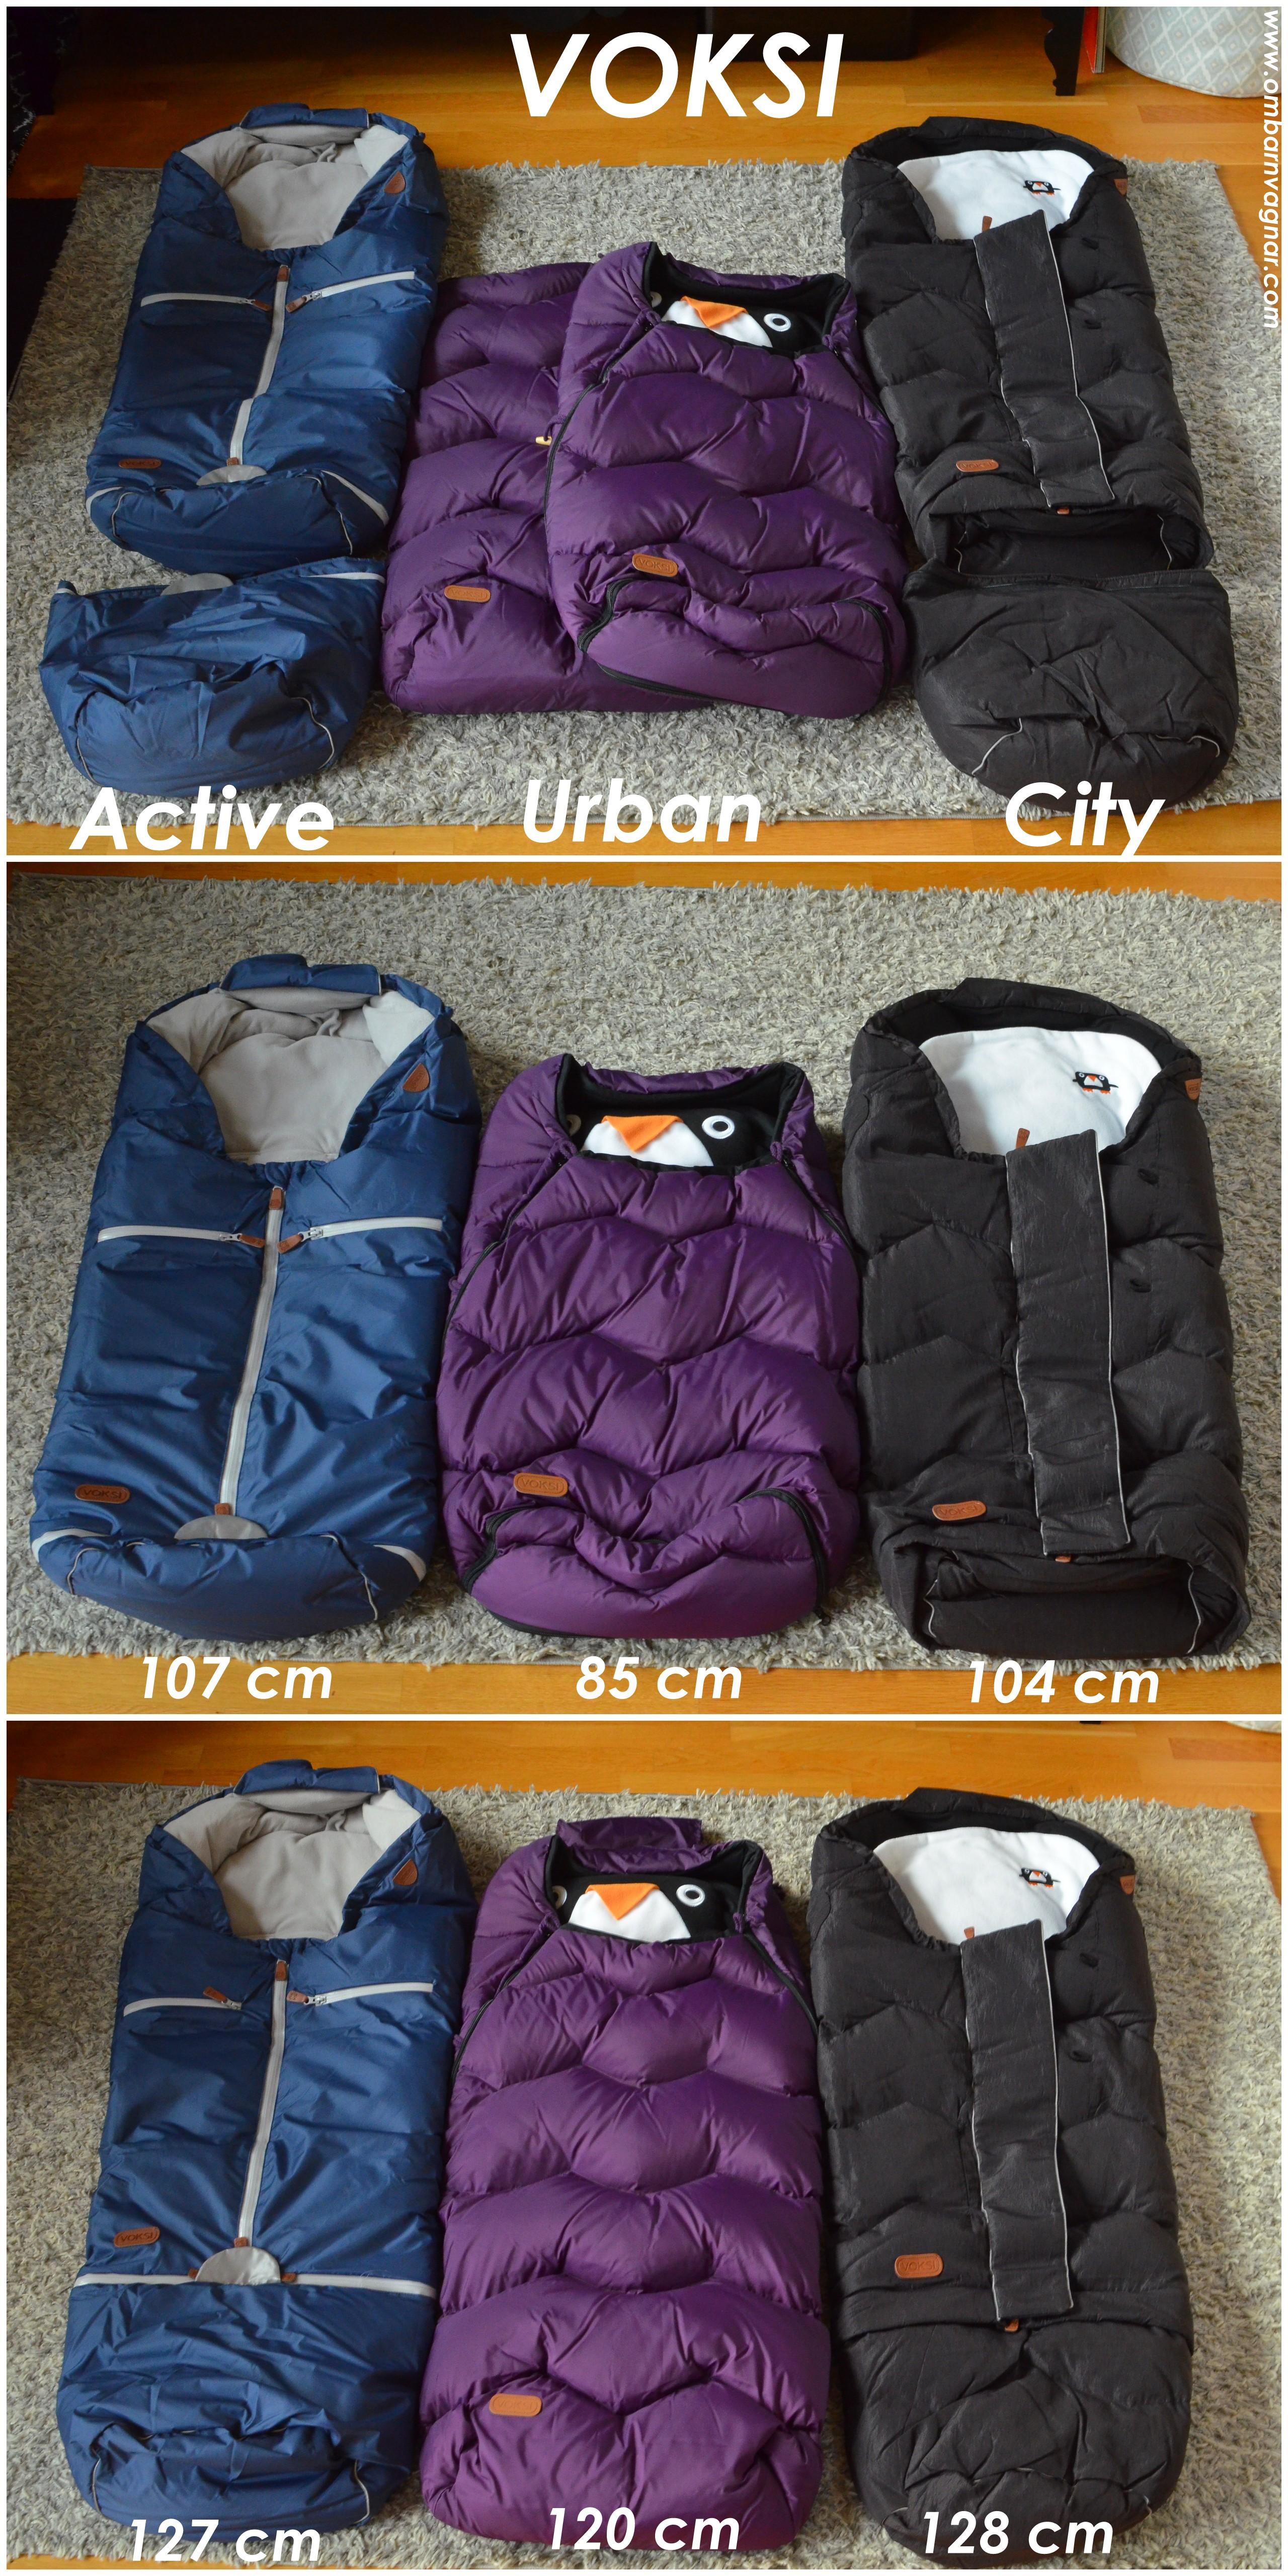 Voksi Active är förlängningsbar, och jämför på bilden med Voksi Urban och Voksi City